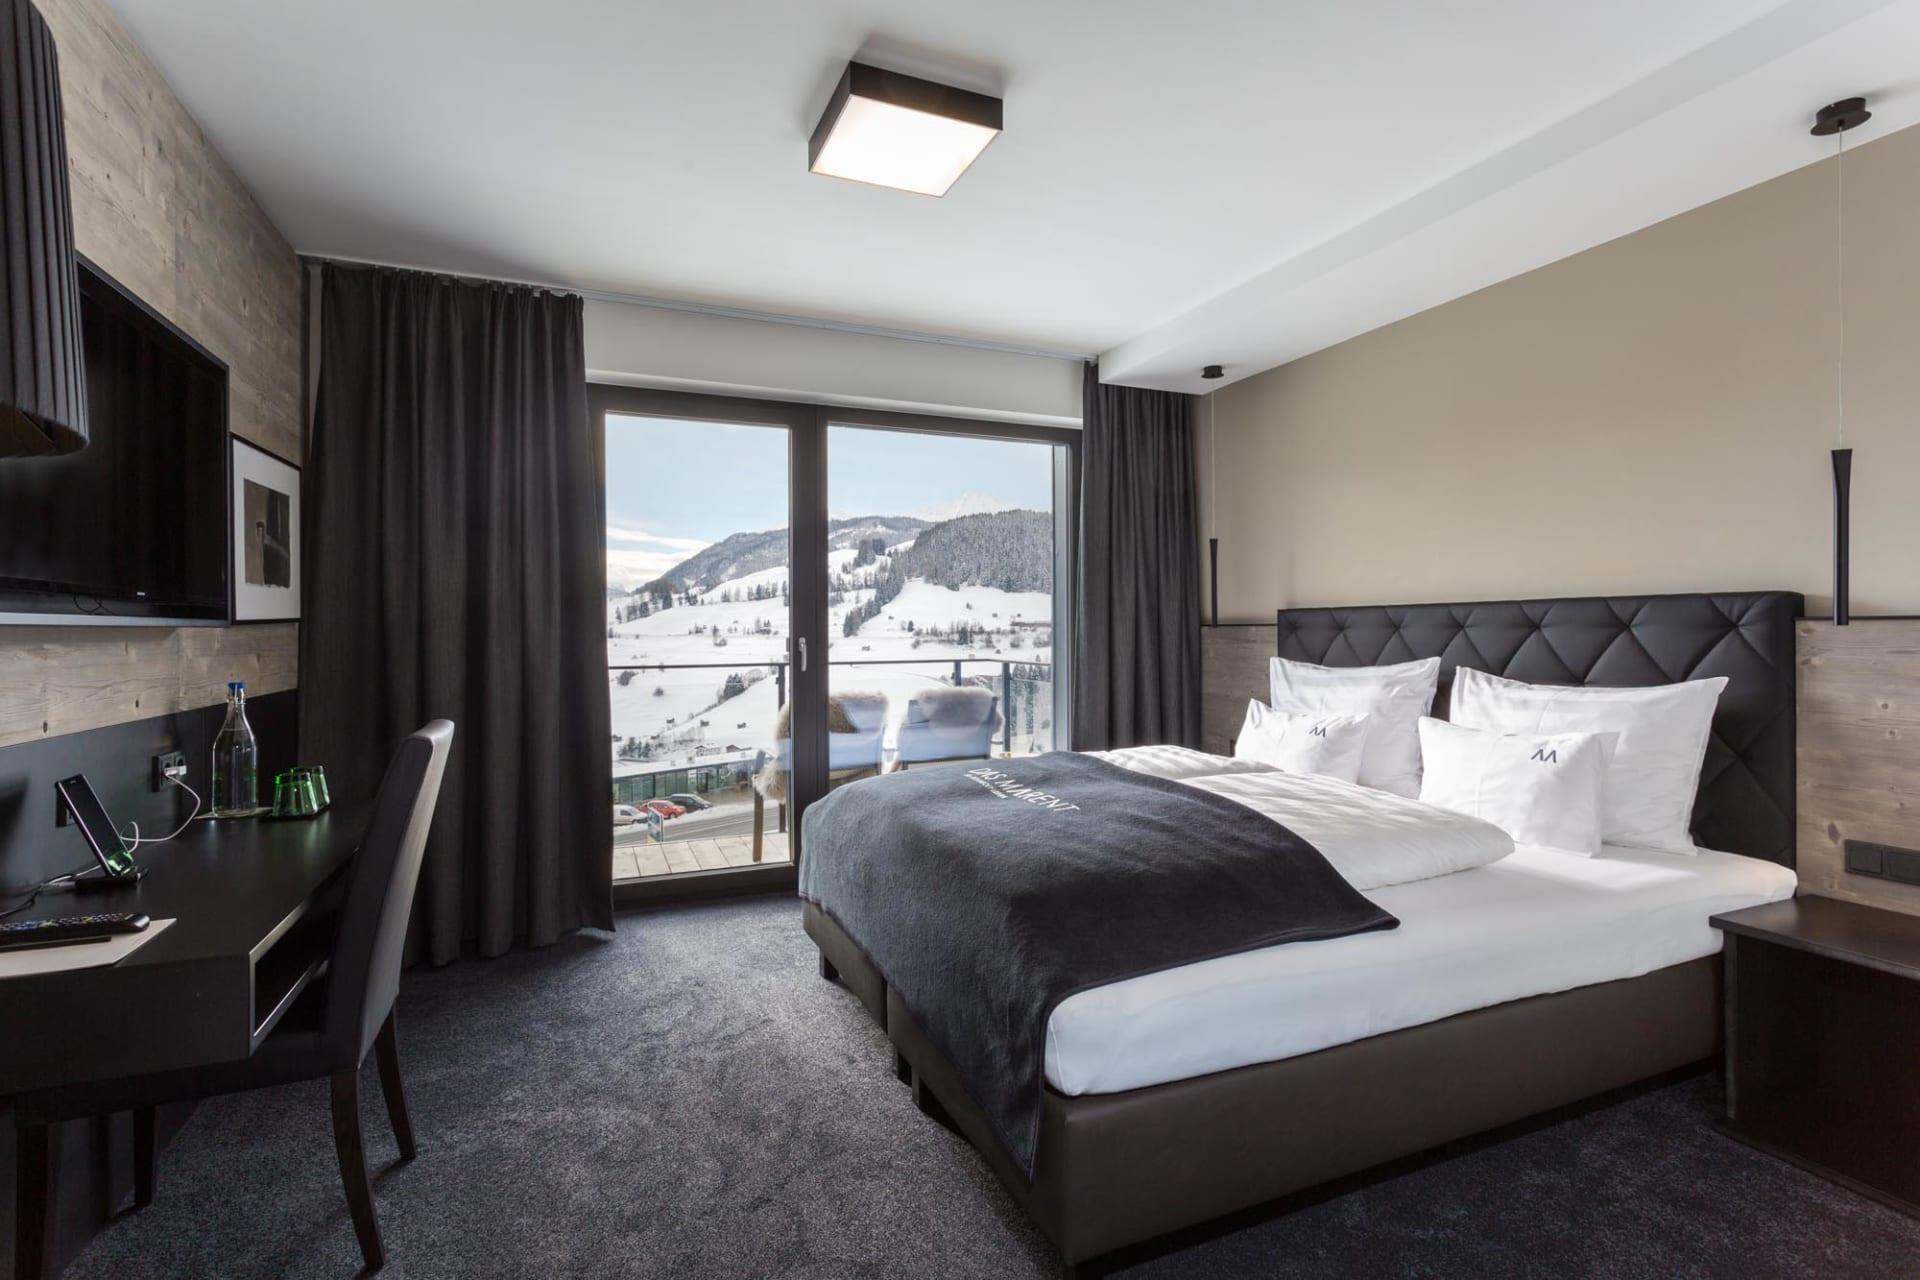 bettdecken f r 2 personen schlafzimmer lampe schwarz gold brombeere wandfarbe tapeten. Black Bedroom Furniture Sets. Home Design Ideas